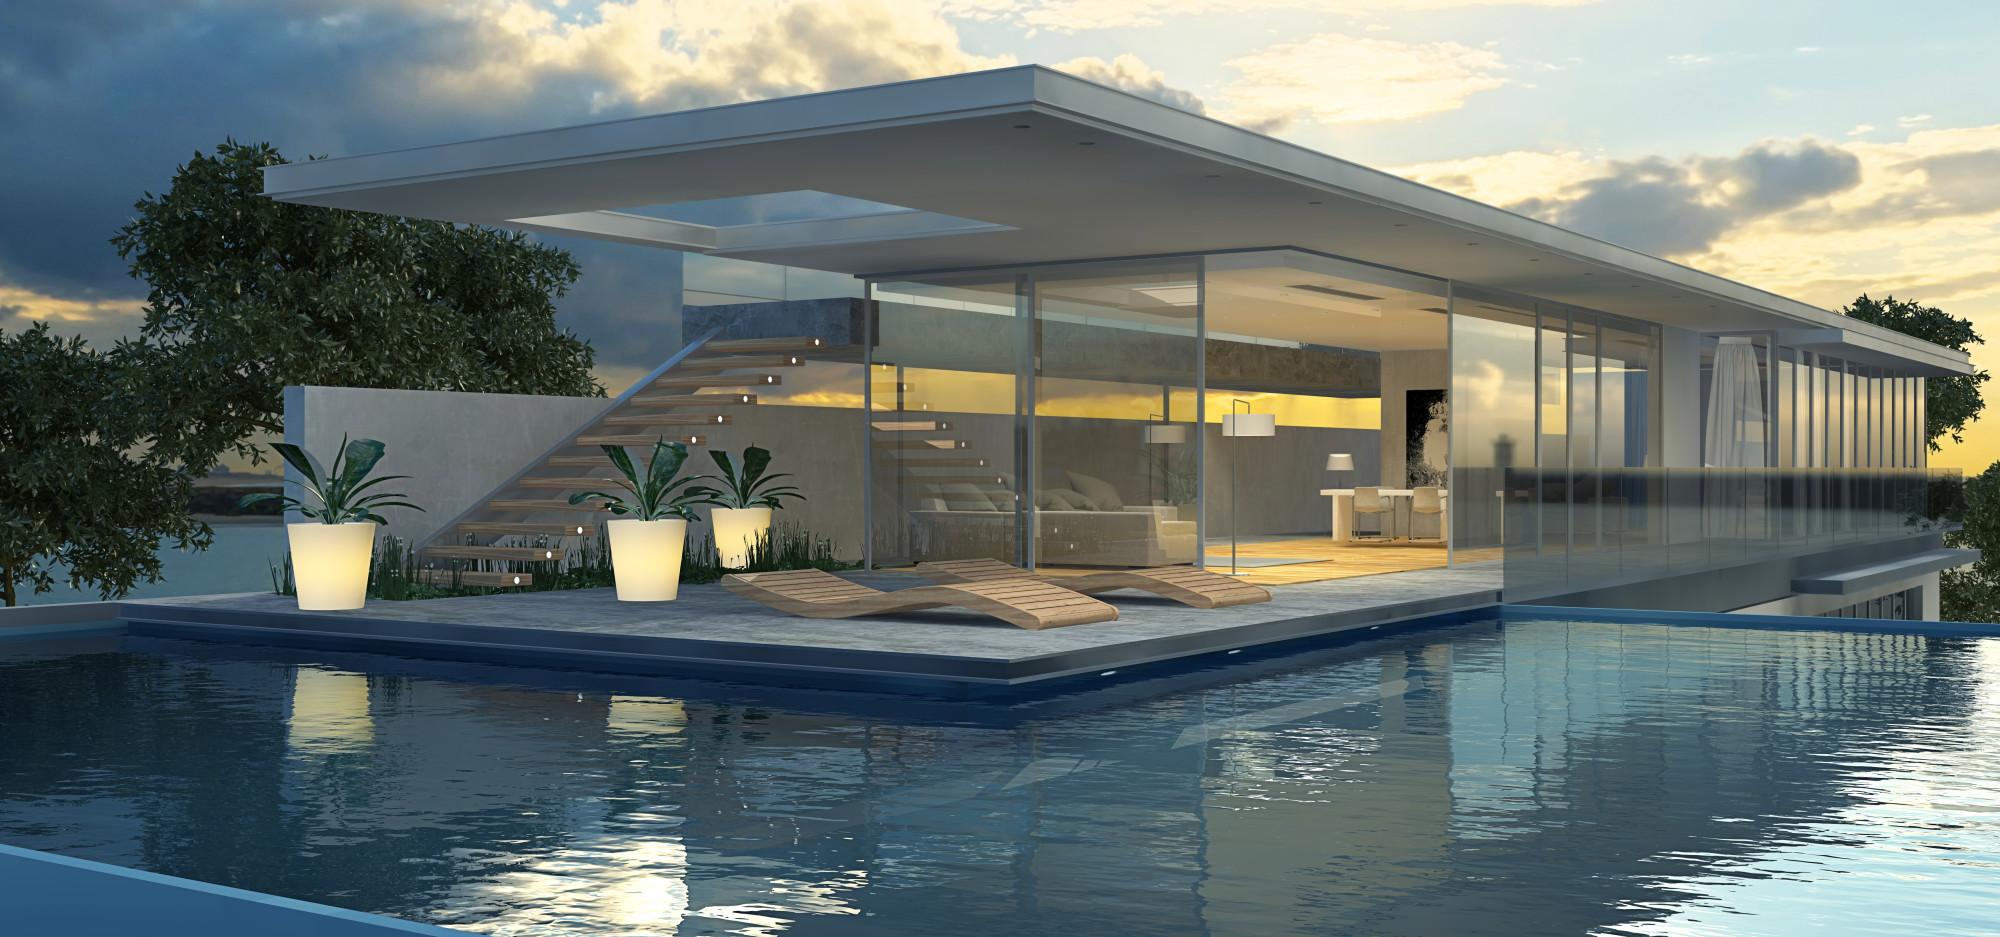 pool design ideas.jpeg